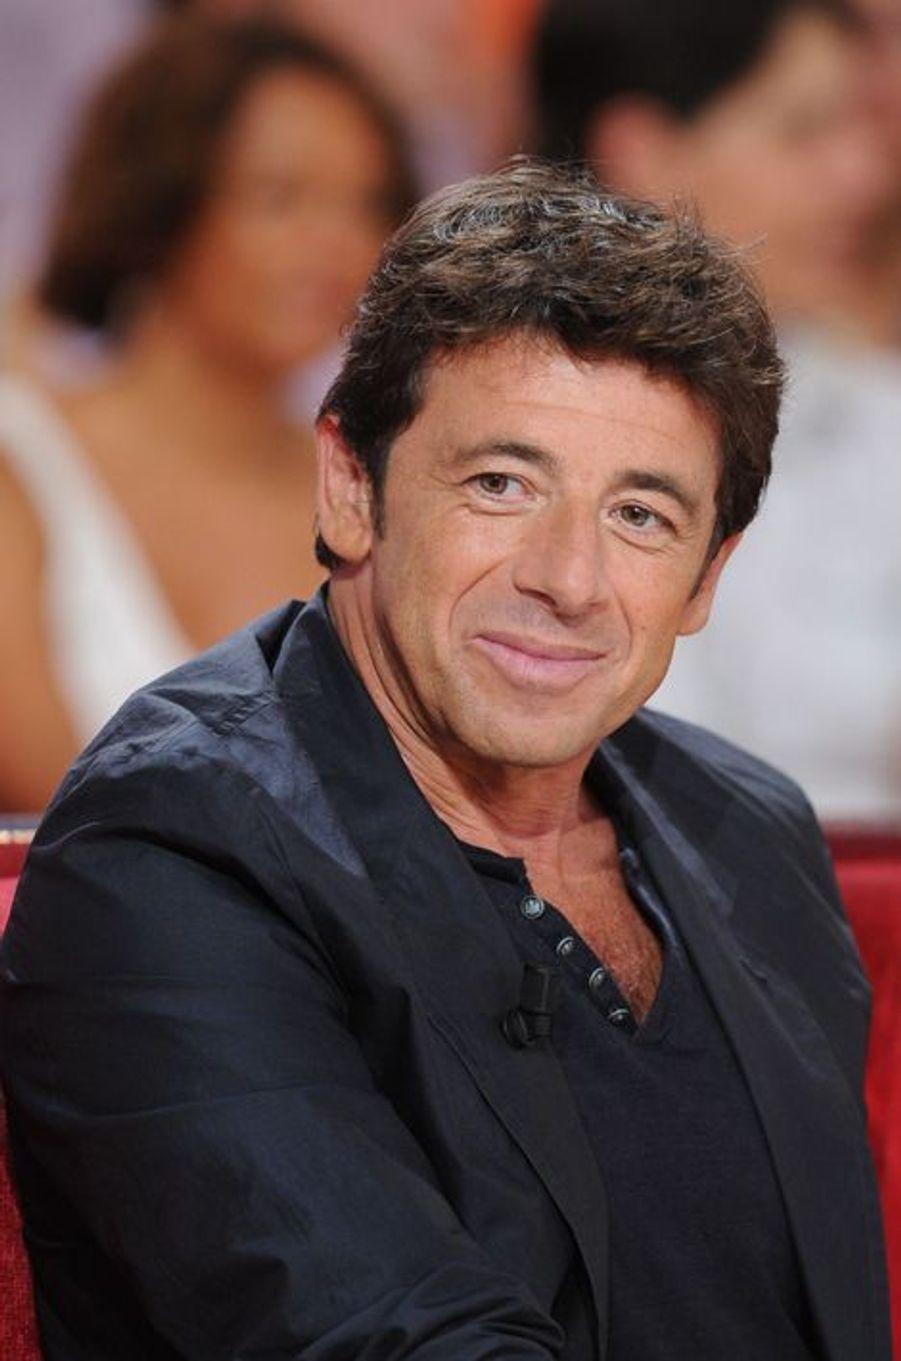 Patrick Bruel lors de l'enregistrement de «Vivement Dimanche» Sophie Marceau sur France 2 le 17 septembre 2014.